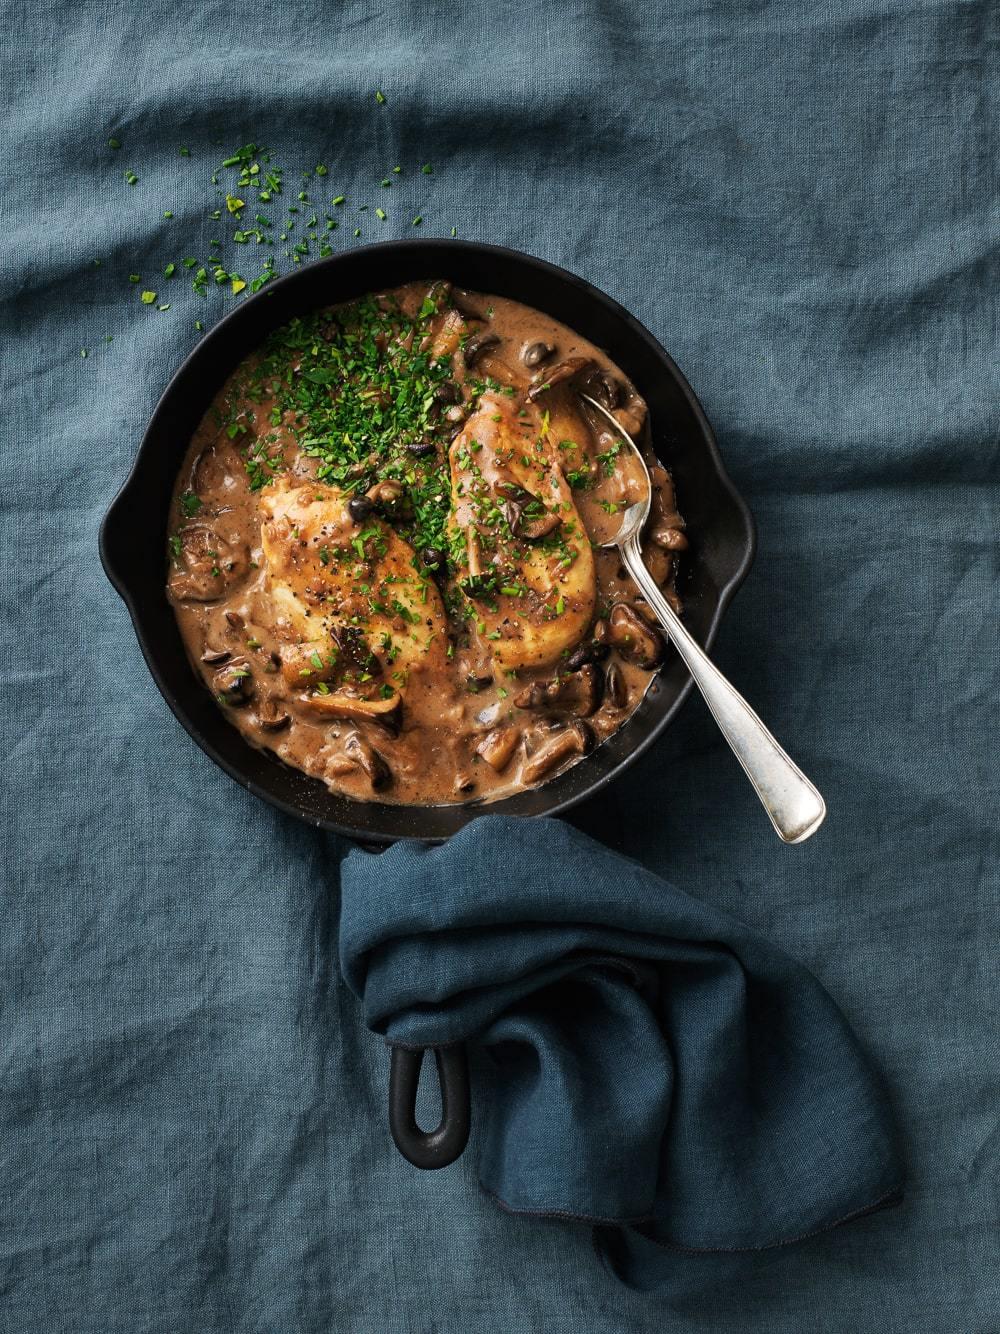 kylling med svampe sause - en lækker og lun efterårsret